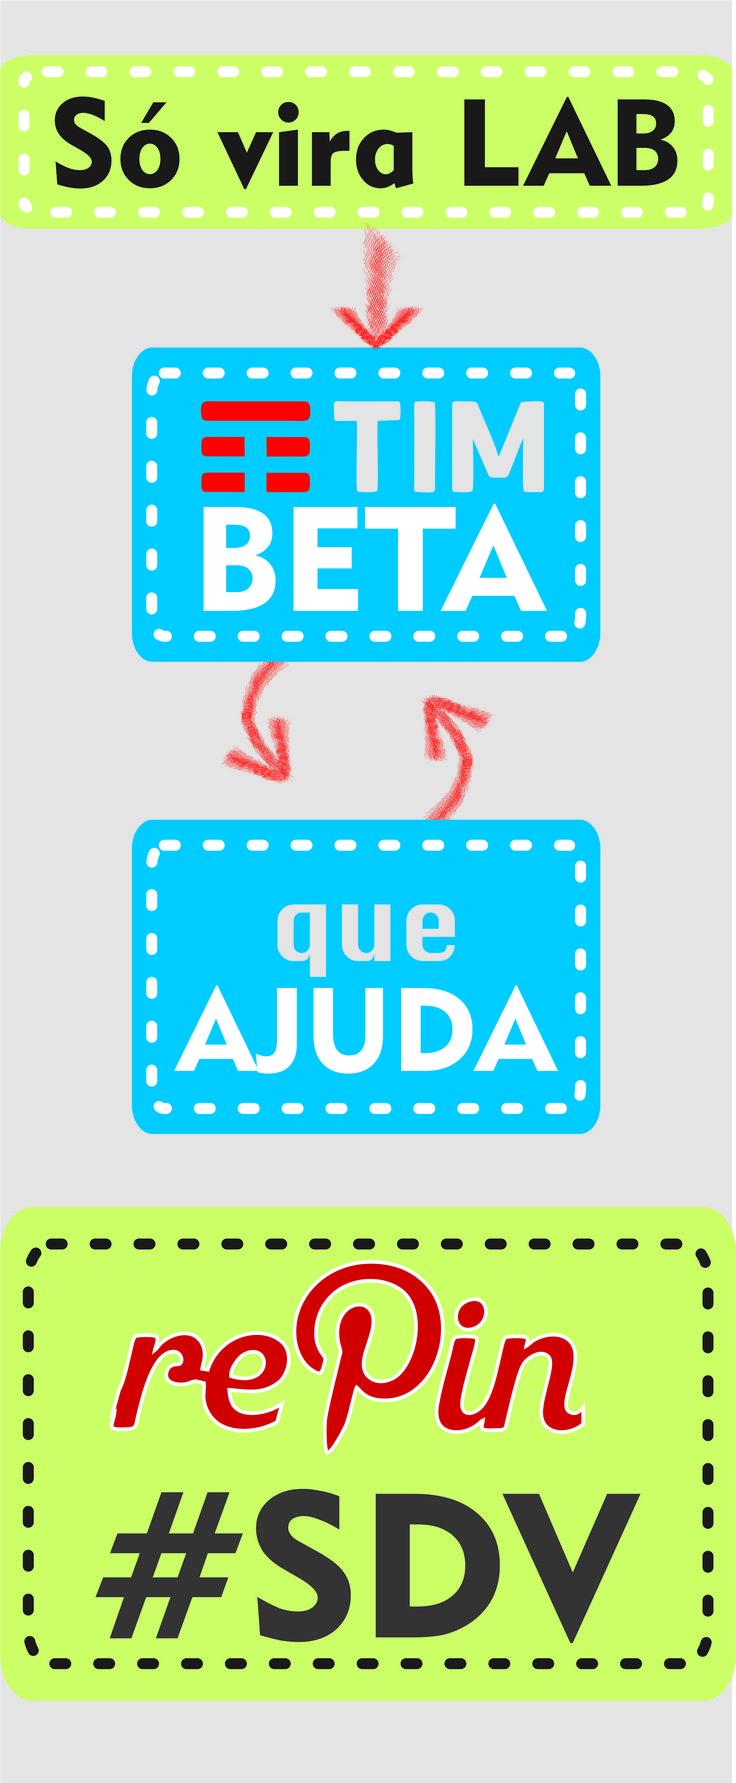 SIGO DE VOLTA #repin #sdv #beta #timbeta #add #lab #betalab